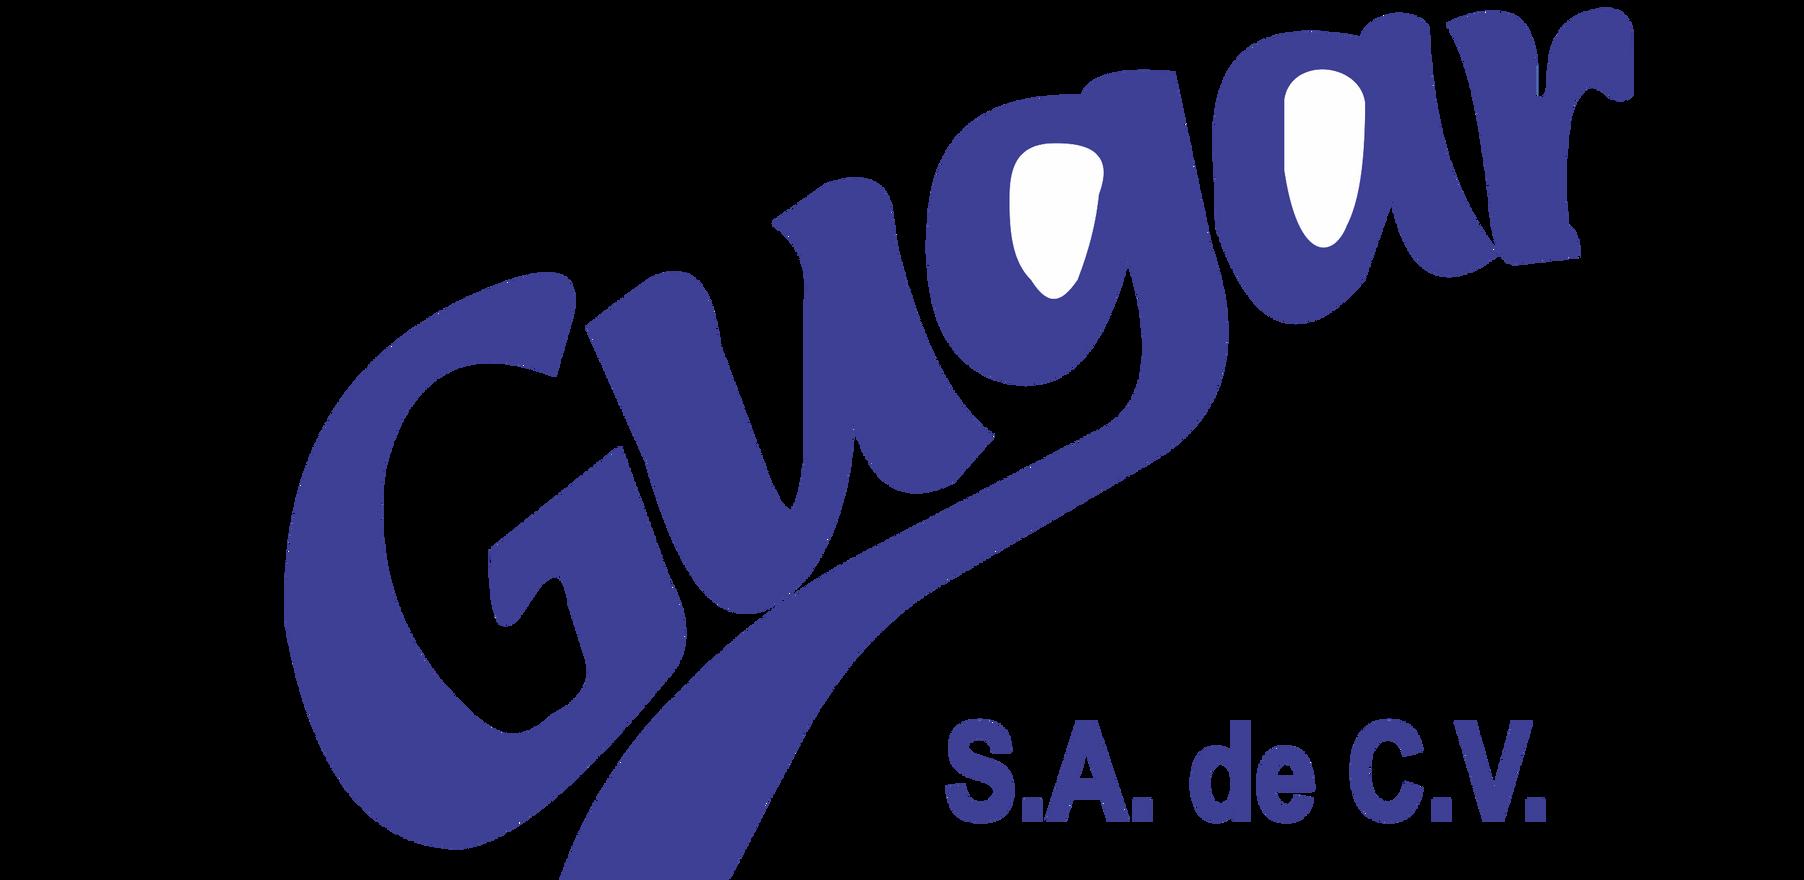 GUGAR SODA.png